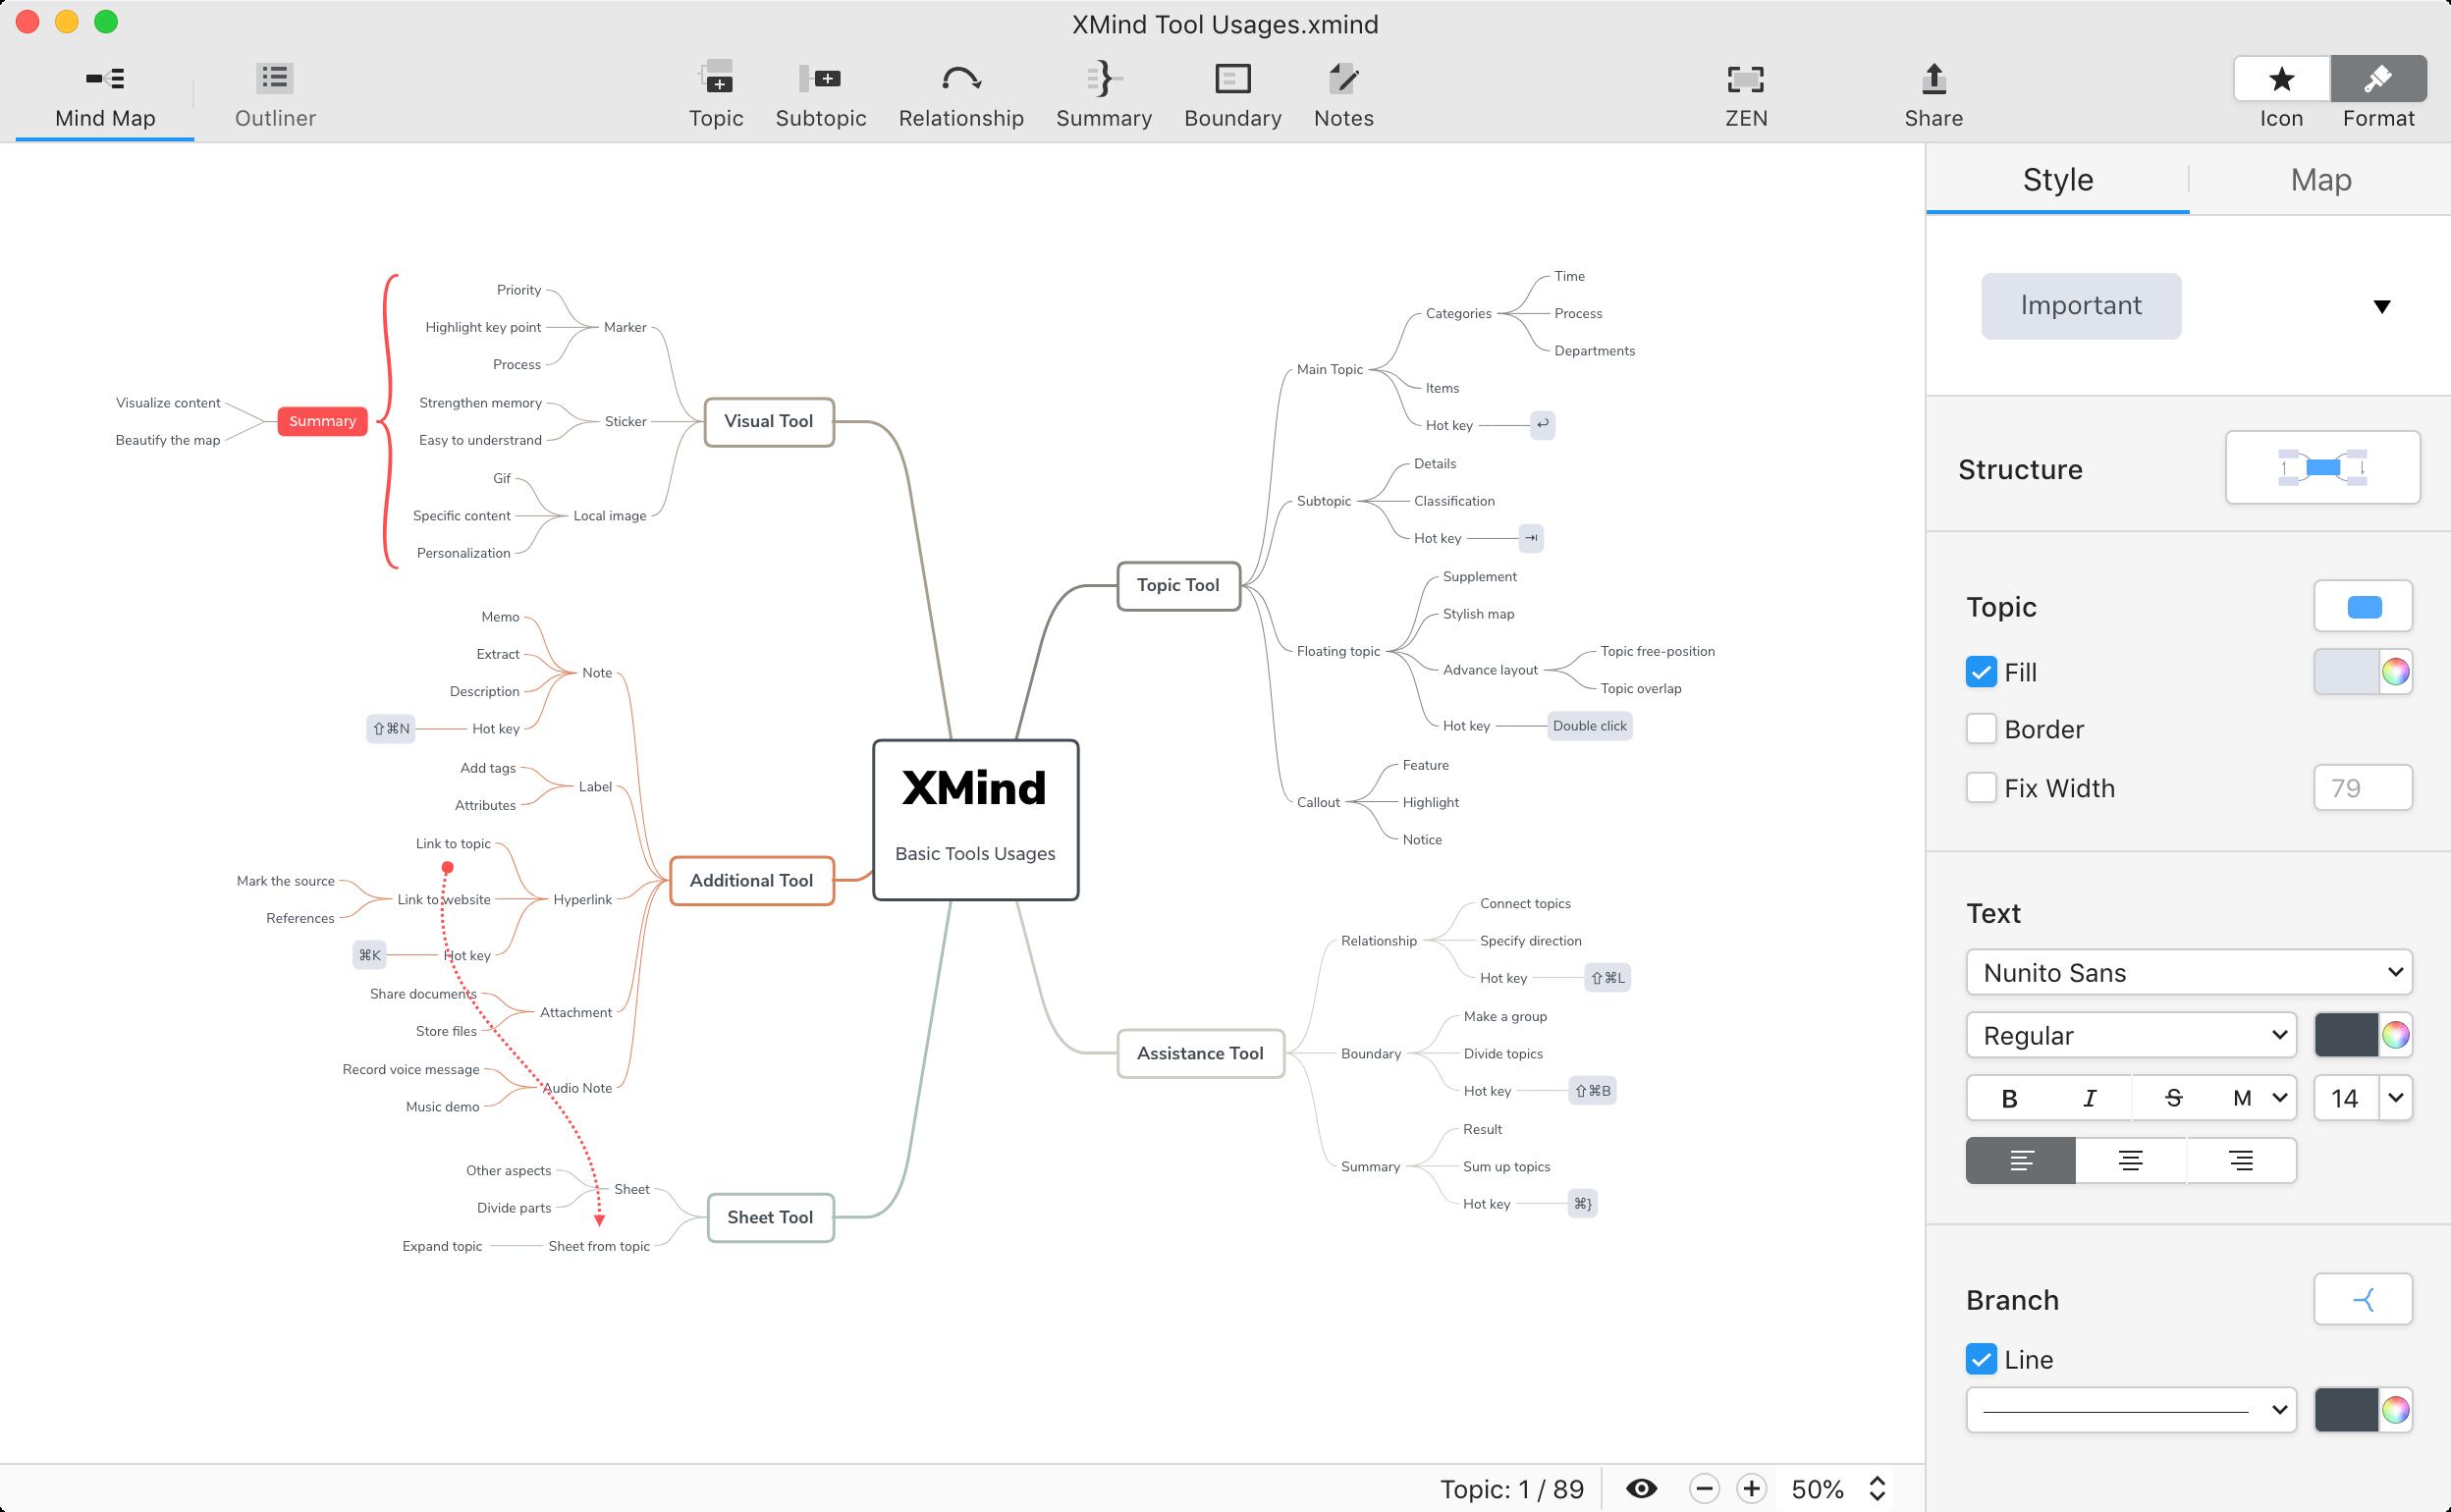 XMind website image